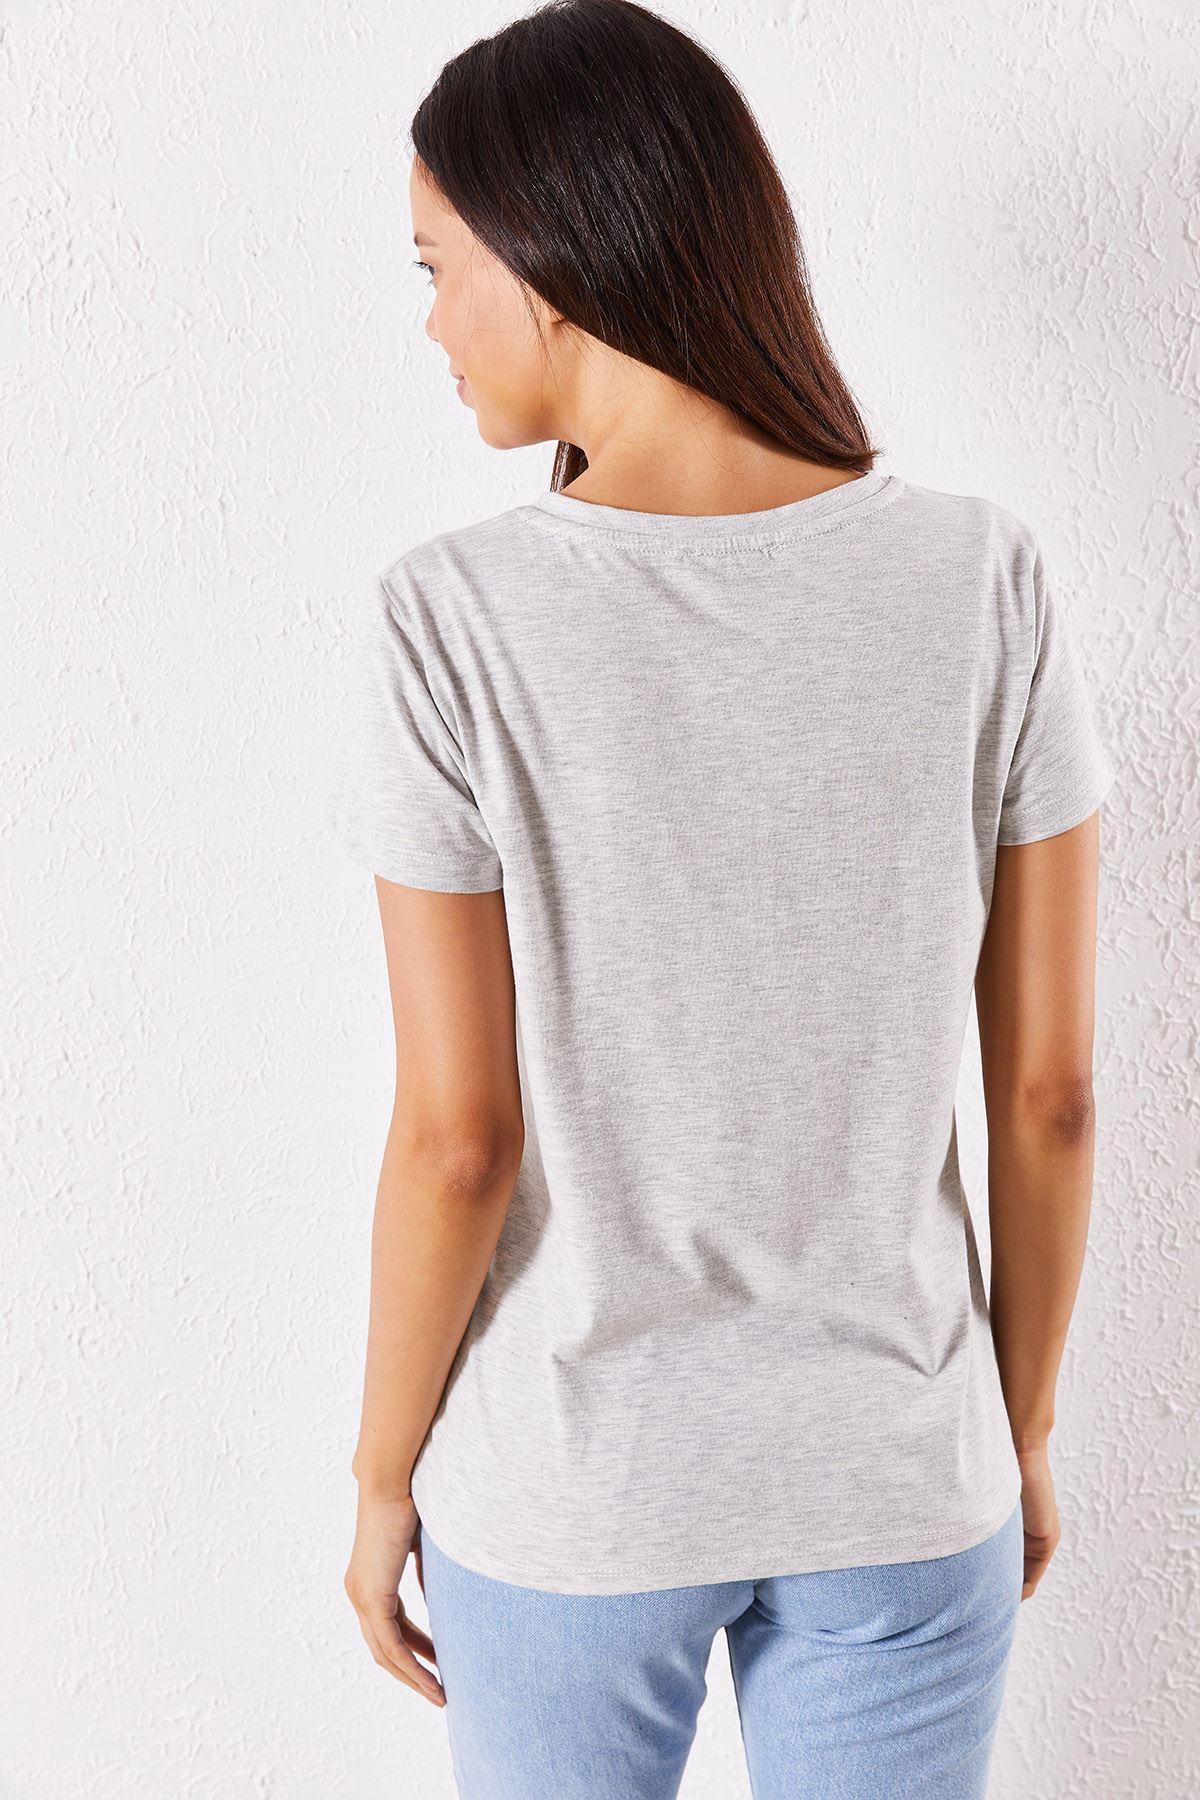 Kadın Eşli Pepper Baskılı Beyaz Tişört